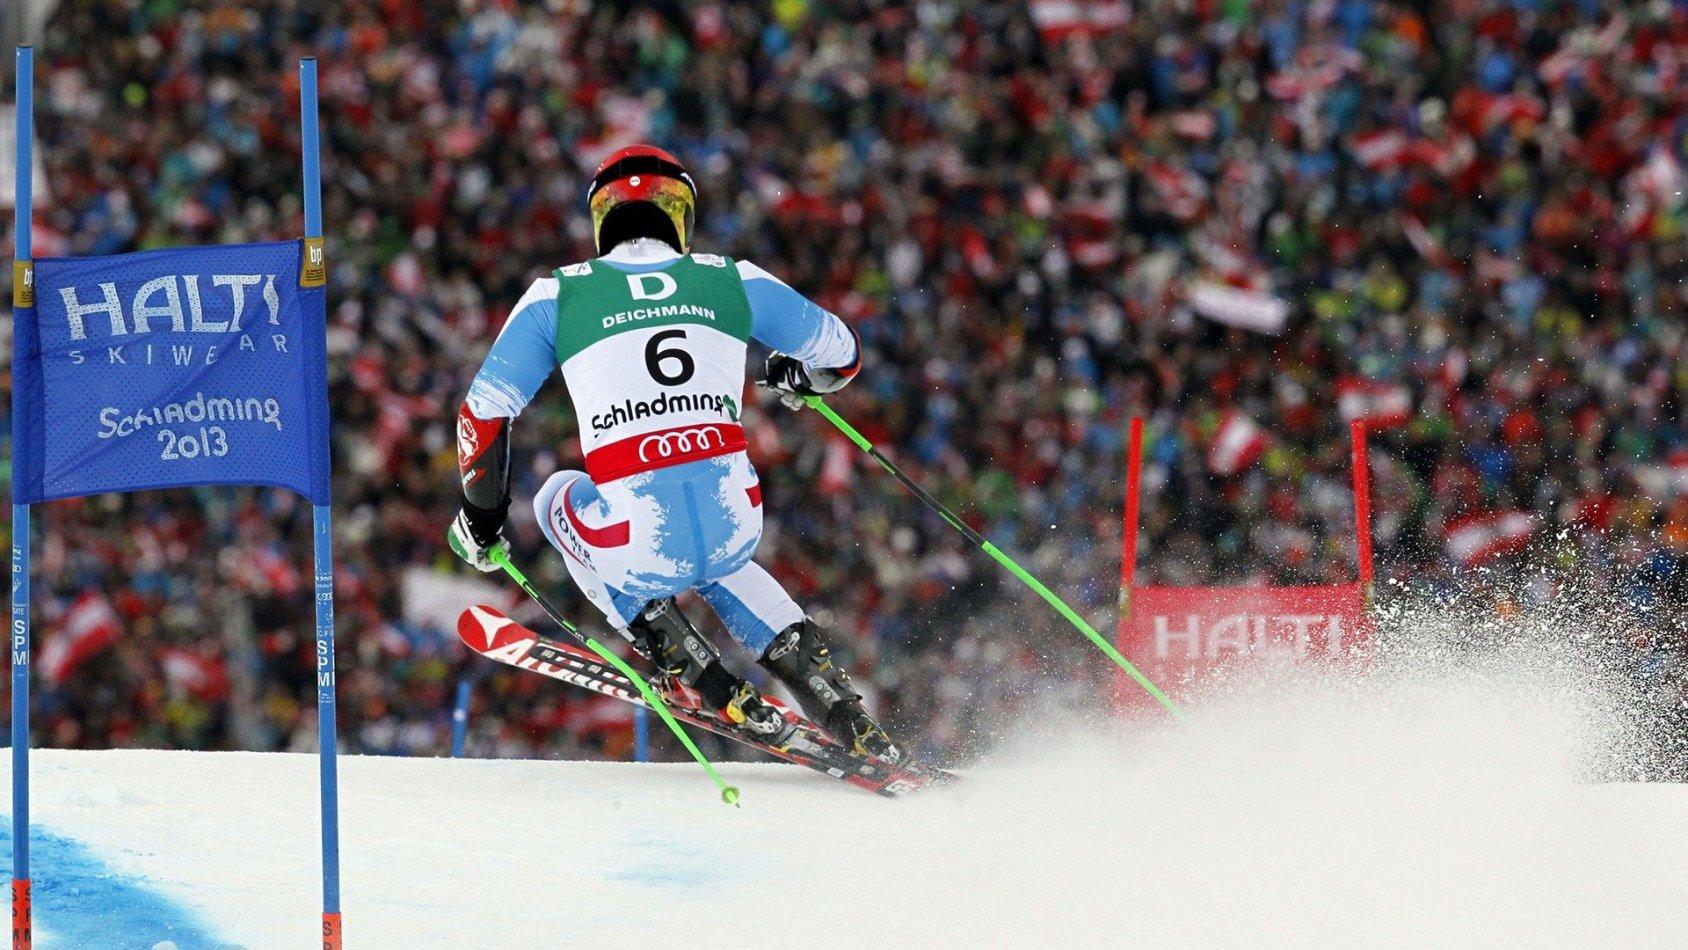 FIS Alpin skidåkning